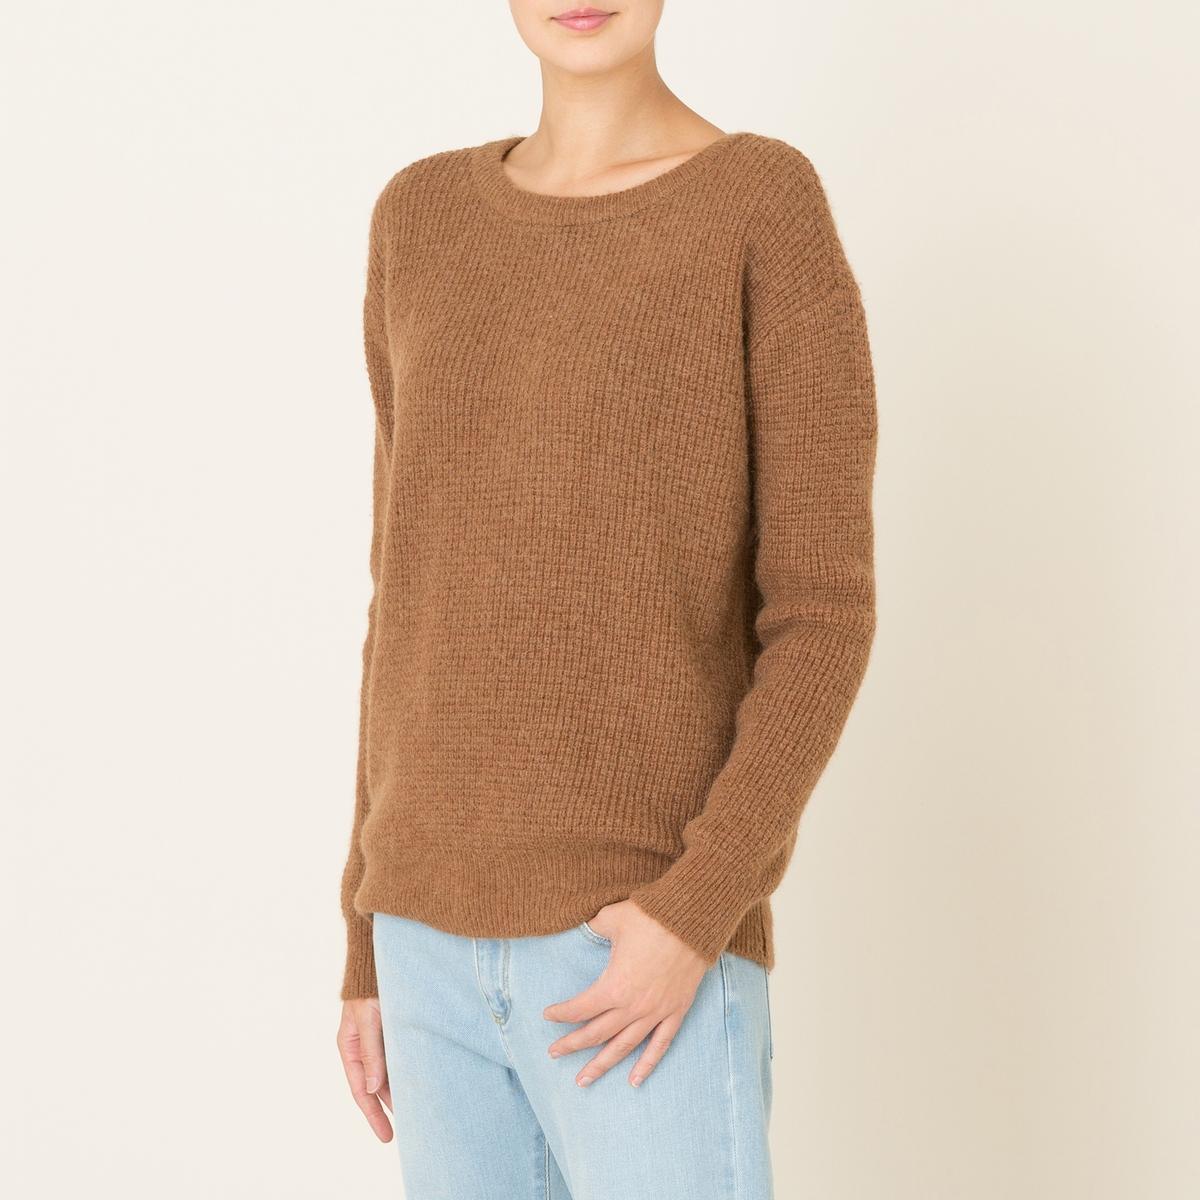 Пуловер TIGAСостав и описание Материал : 53% полиамида, 28% альпаки, 19% шерстиМарка : HARRIS WILSON<br><br>Цвет: темно-бежевый